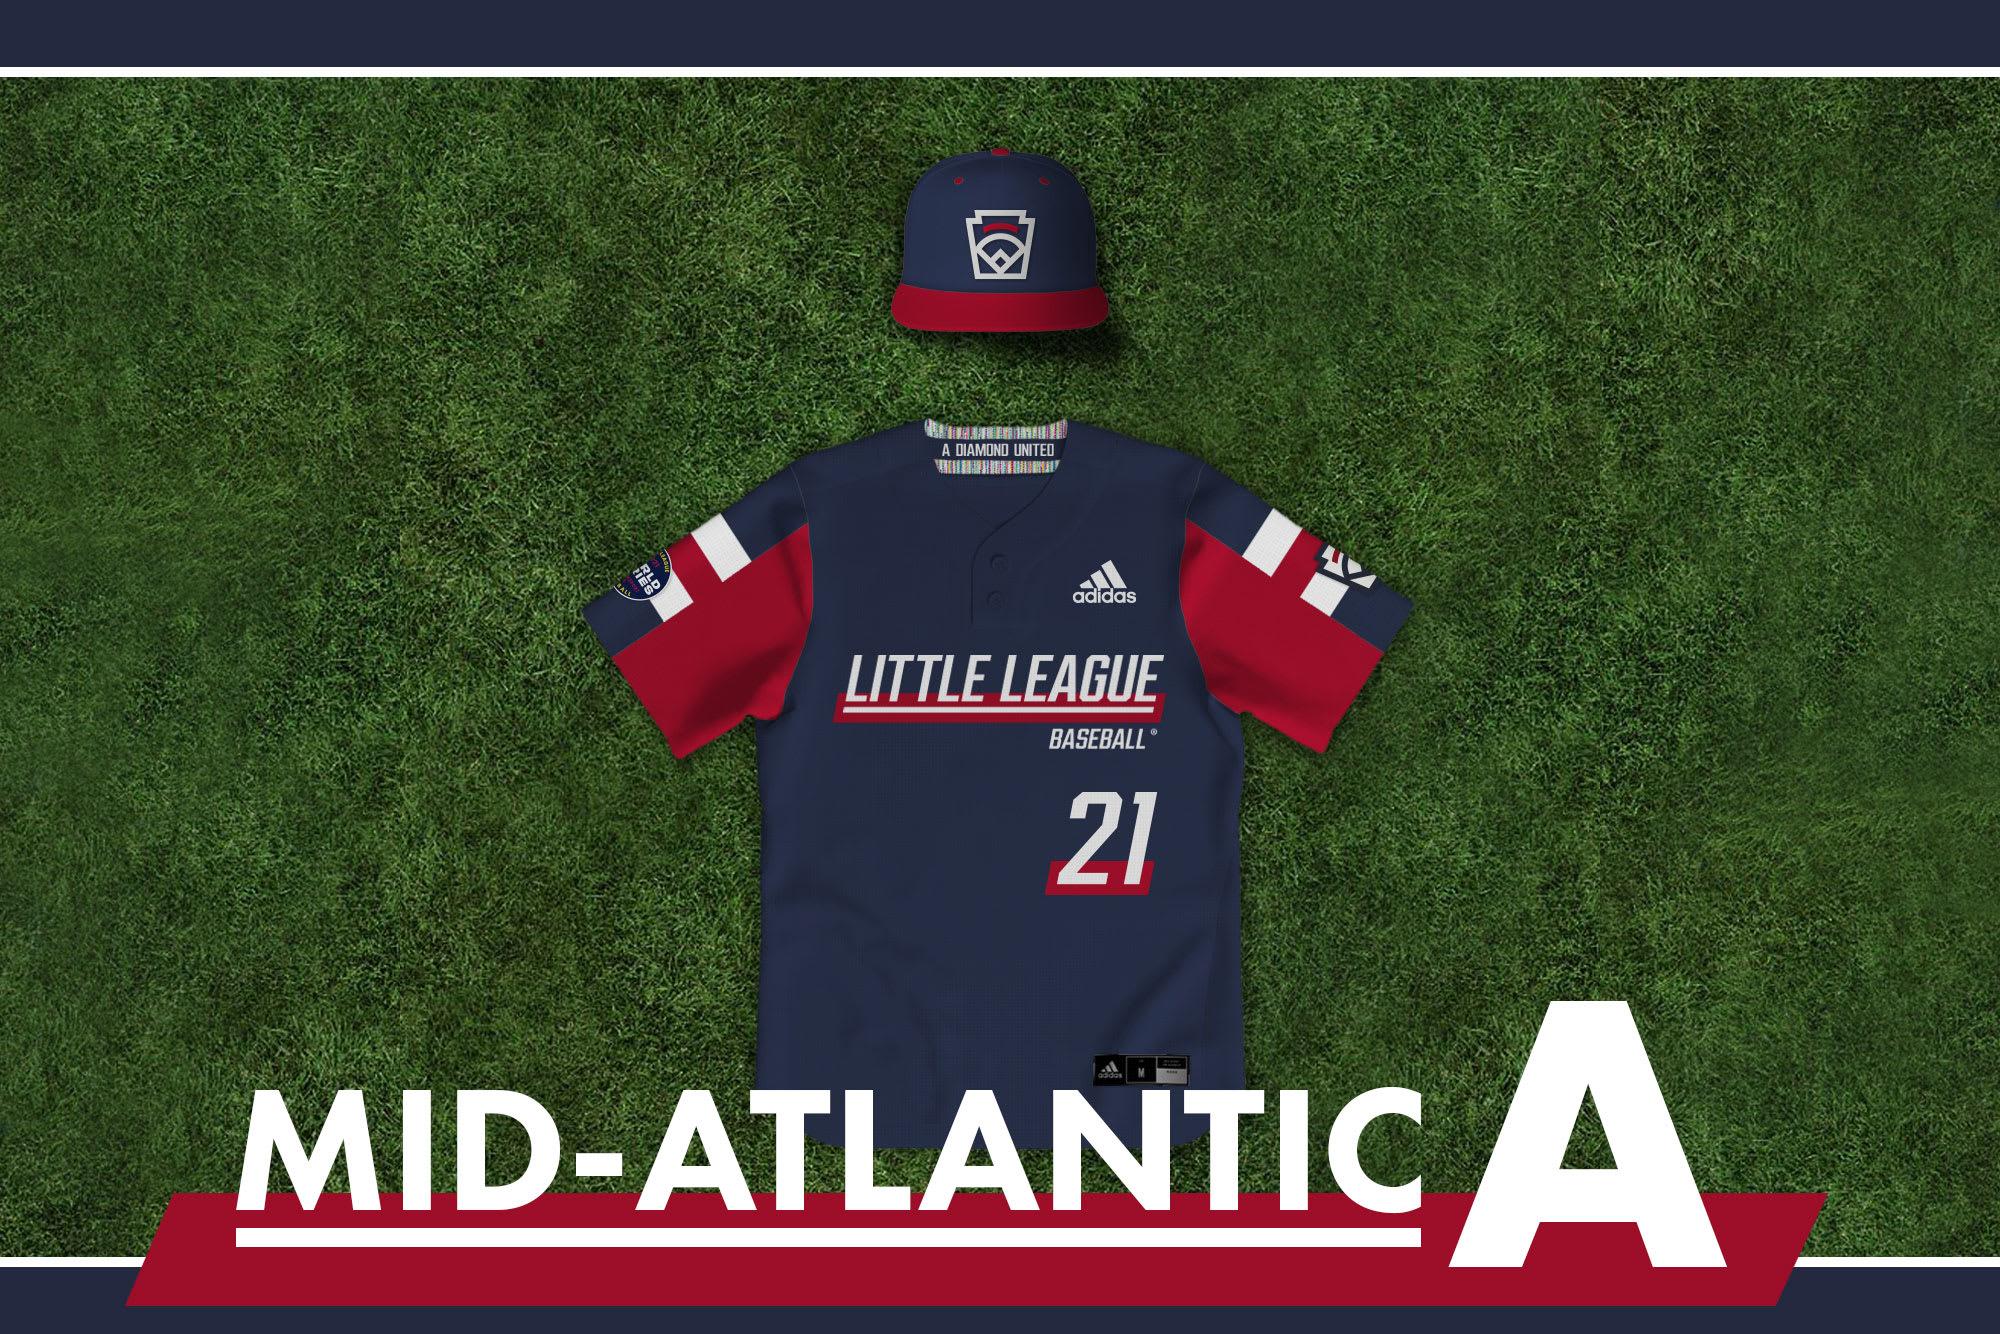 LLB Mid-Atlantic A uniform